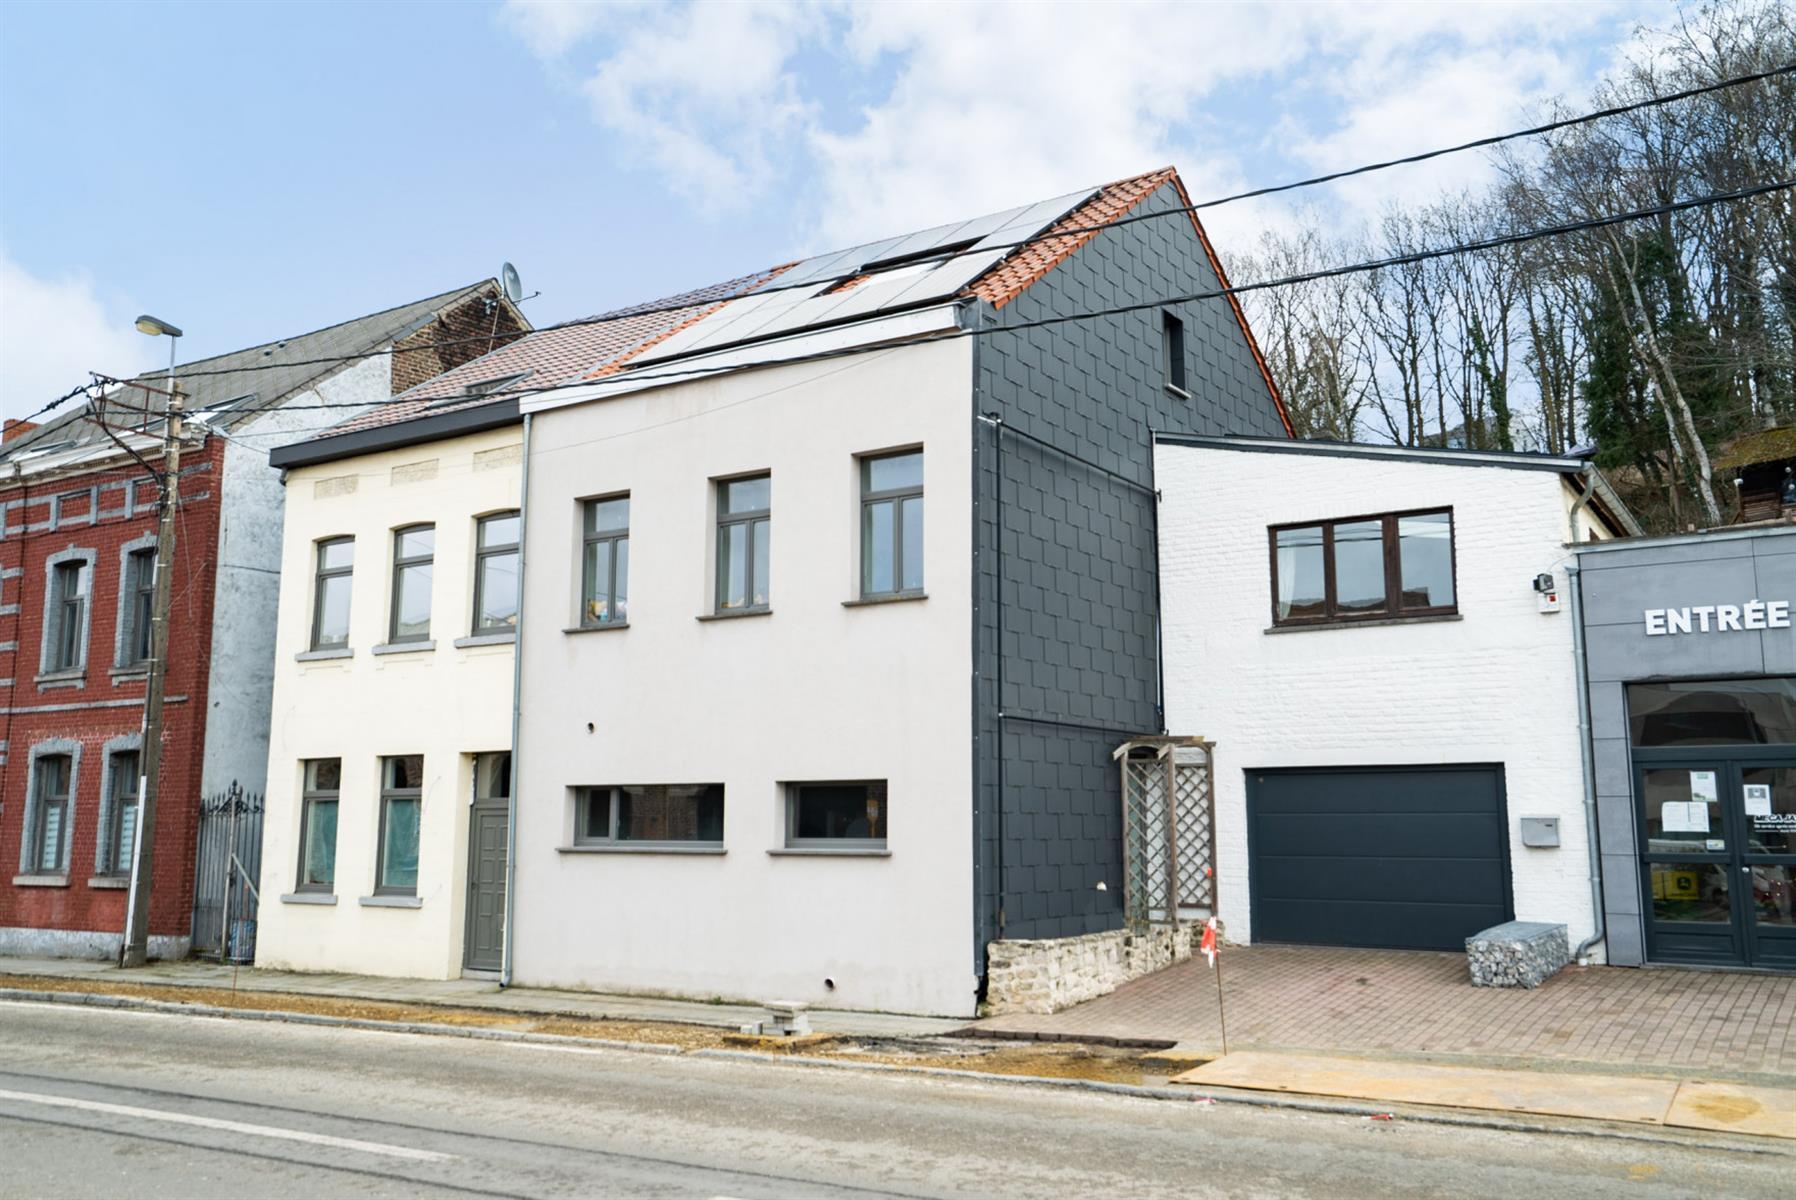 Maison - Grez-doiceau - #4288796-1